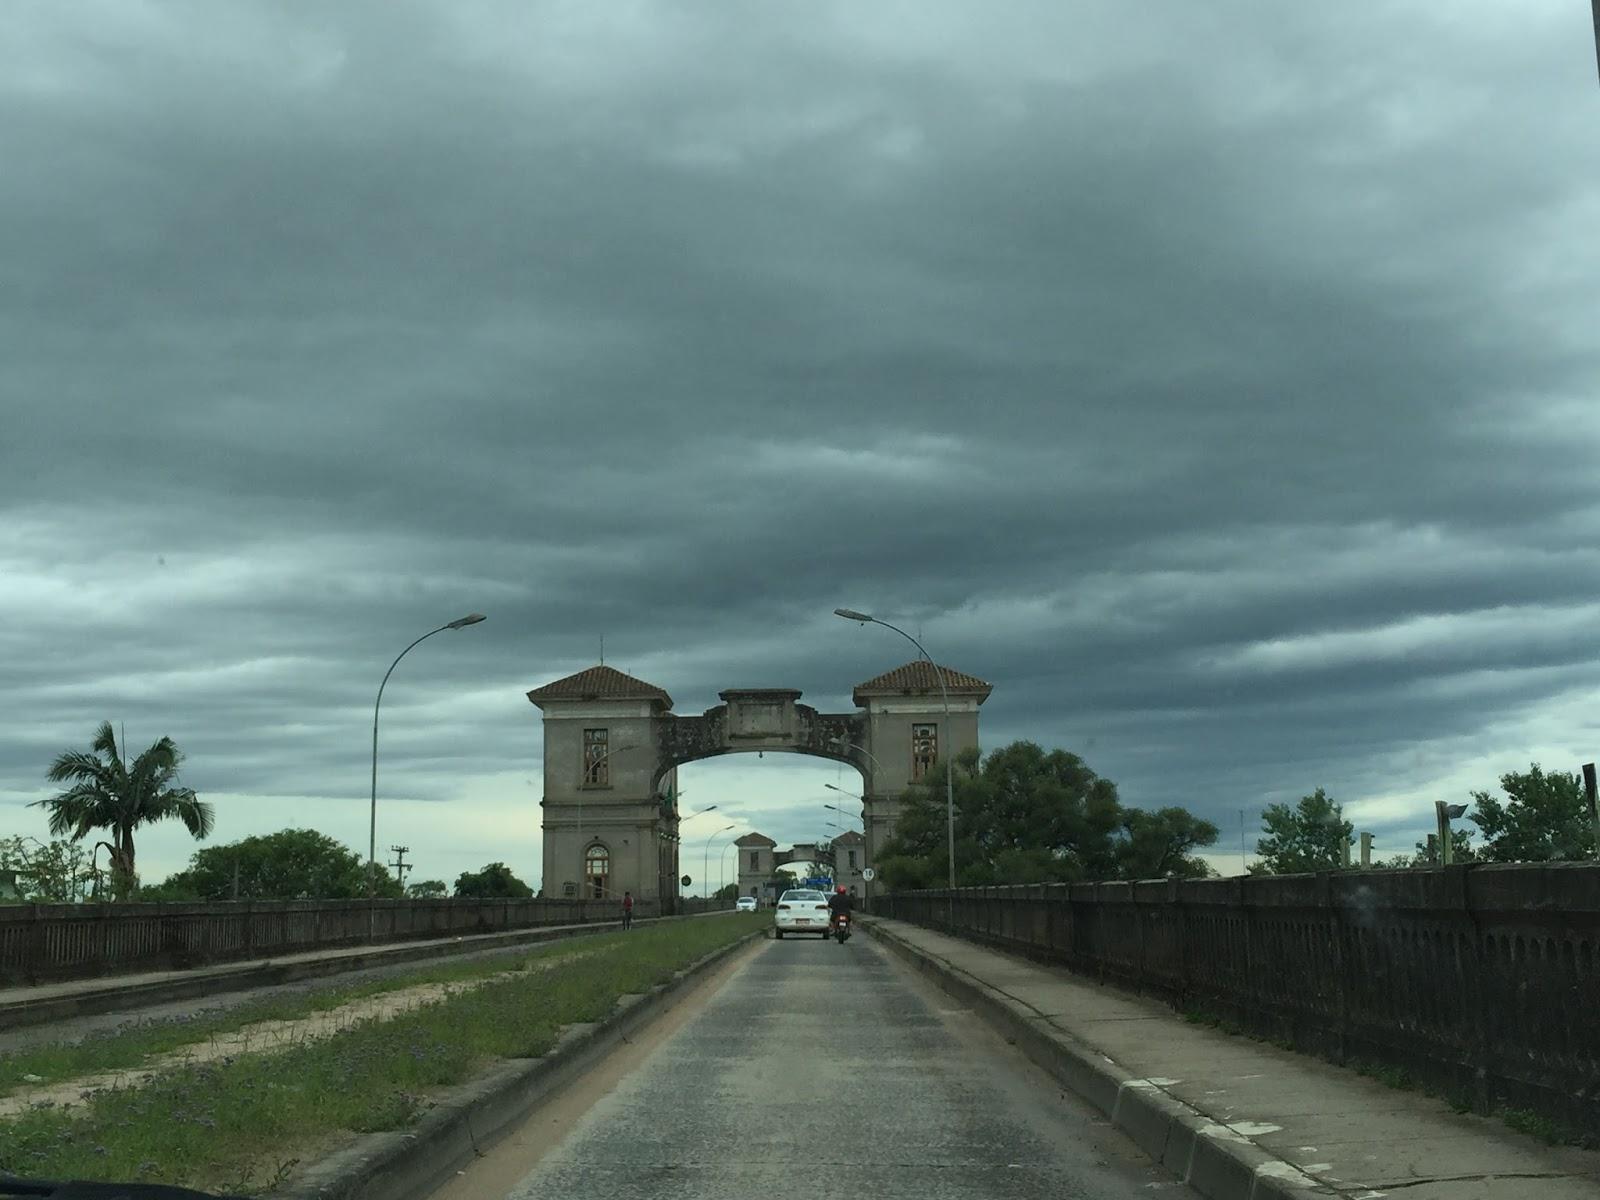 Viagem de carro de Porto Alegre à Colônia del Sacramento